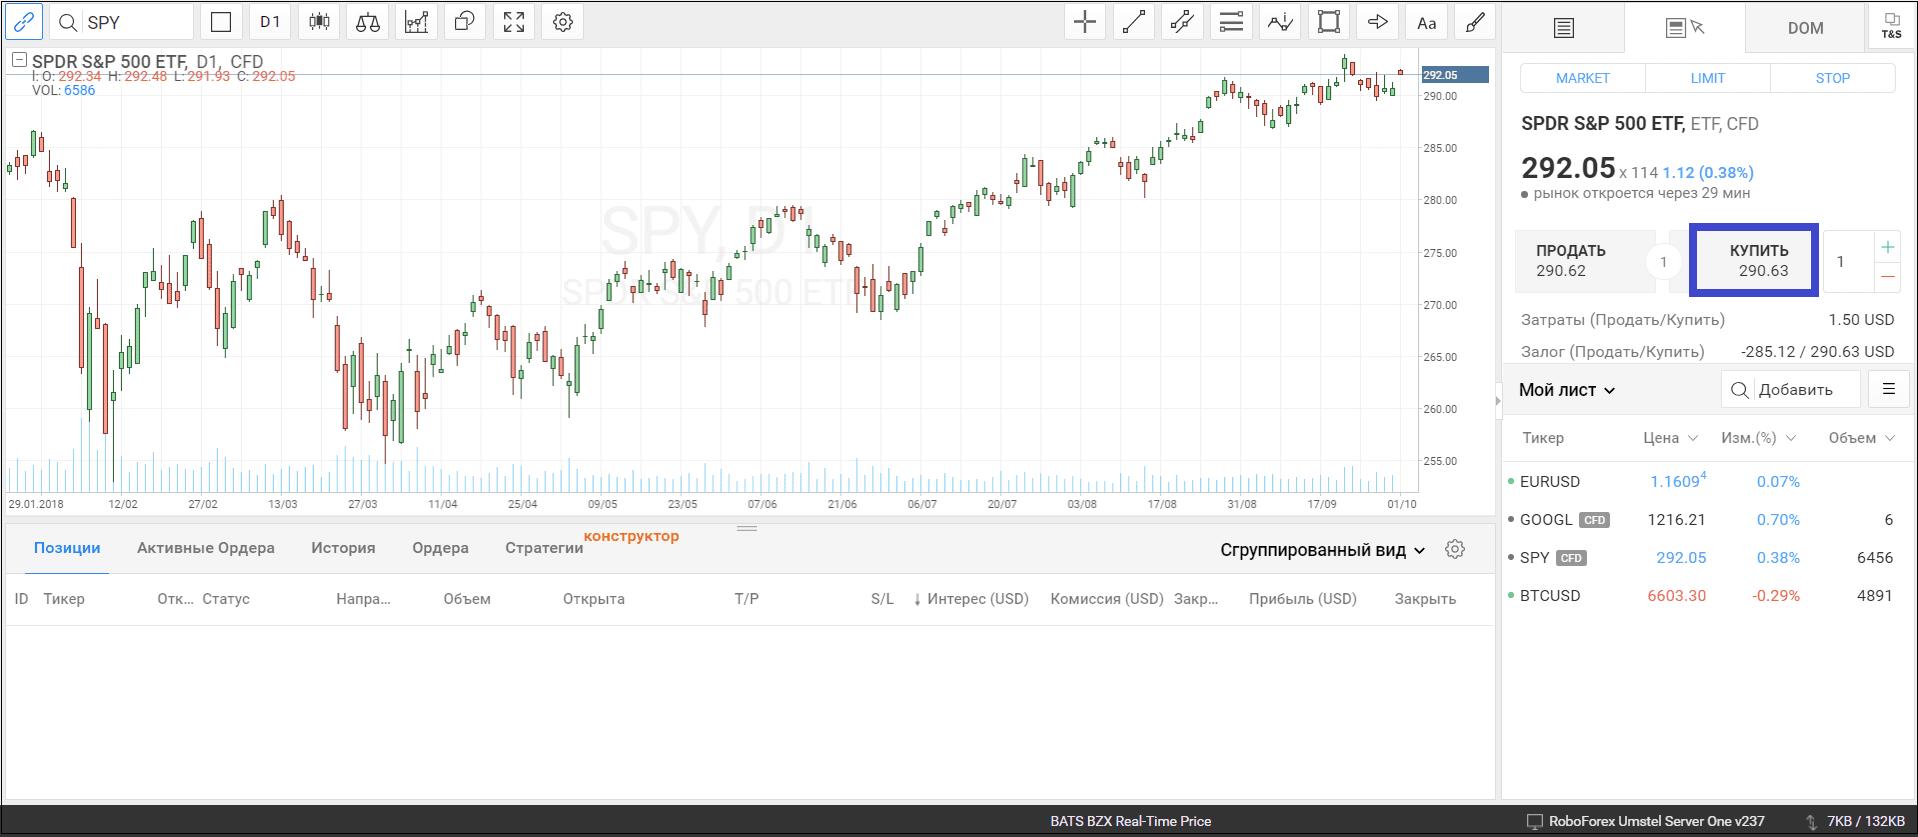 Покупка ETF-фонда SPY